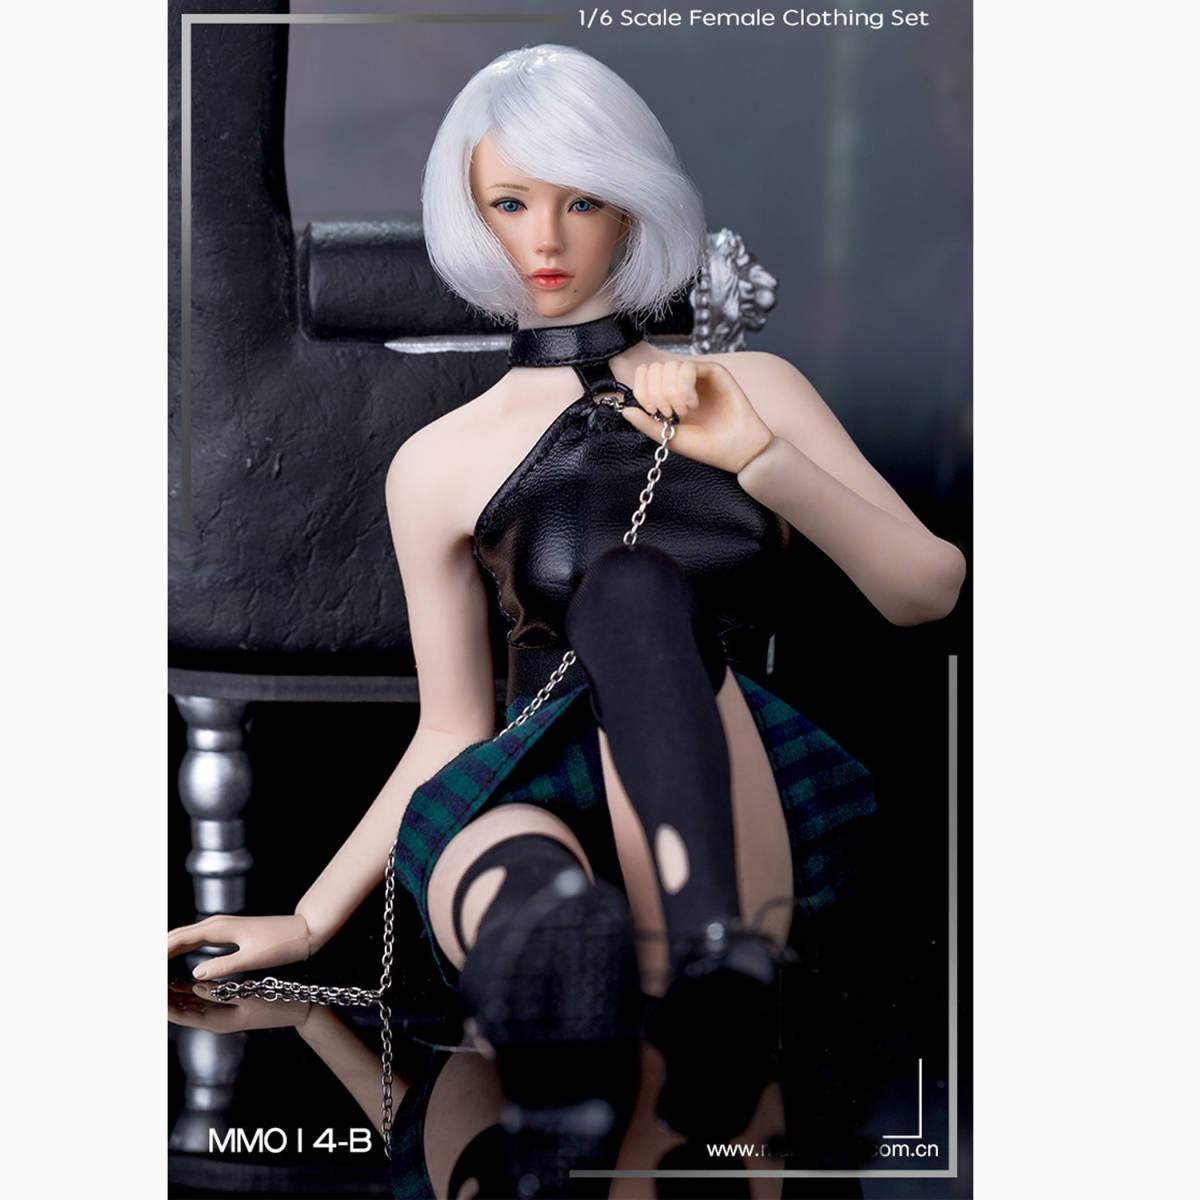 送料無料A26 1/6 サイズ Phicen /BLeague/Jiaou Doll素体対応 女性のファッションスーツ 衣装 7点セット 番号A26_画像2